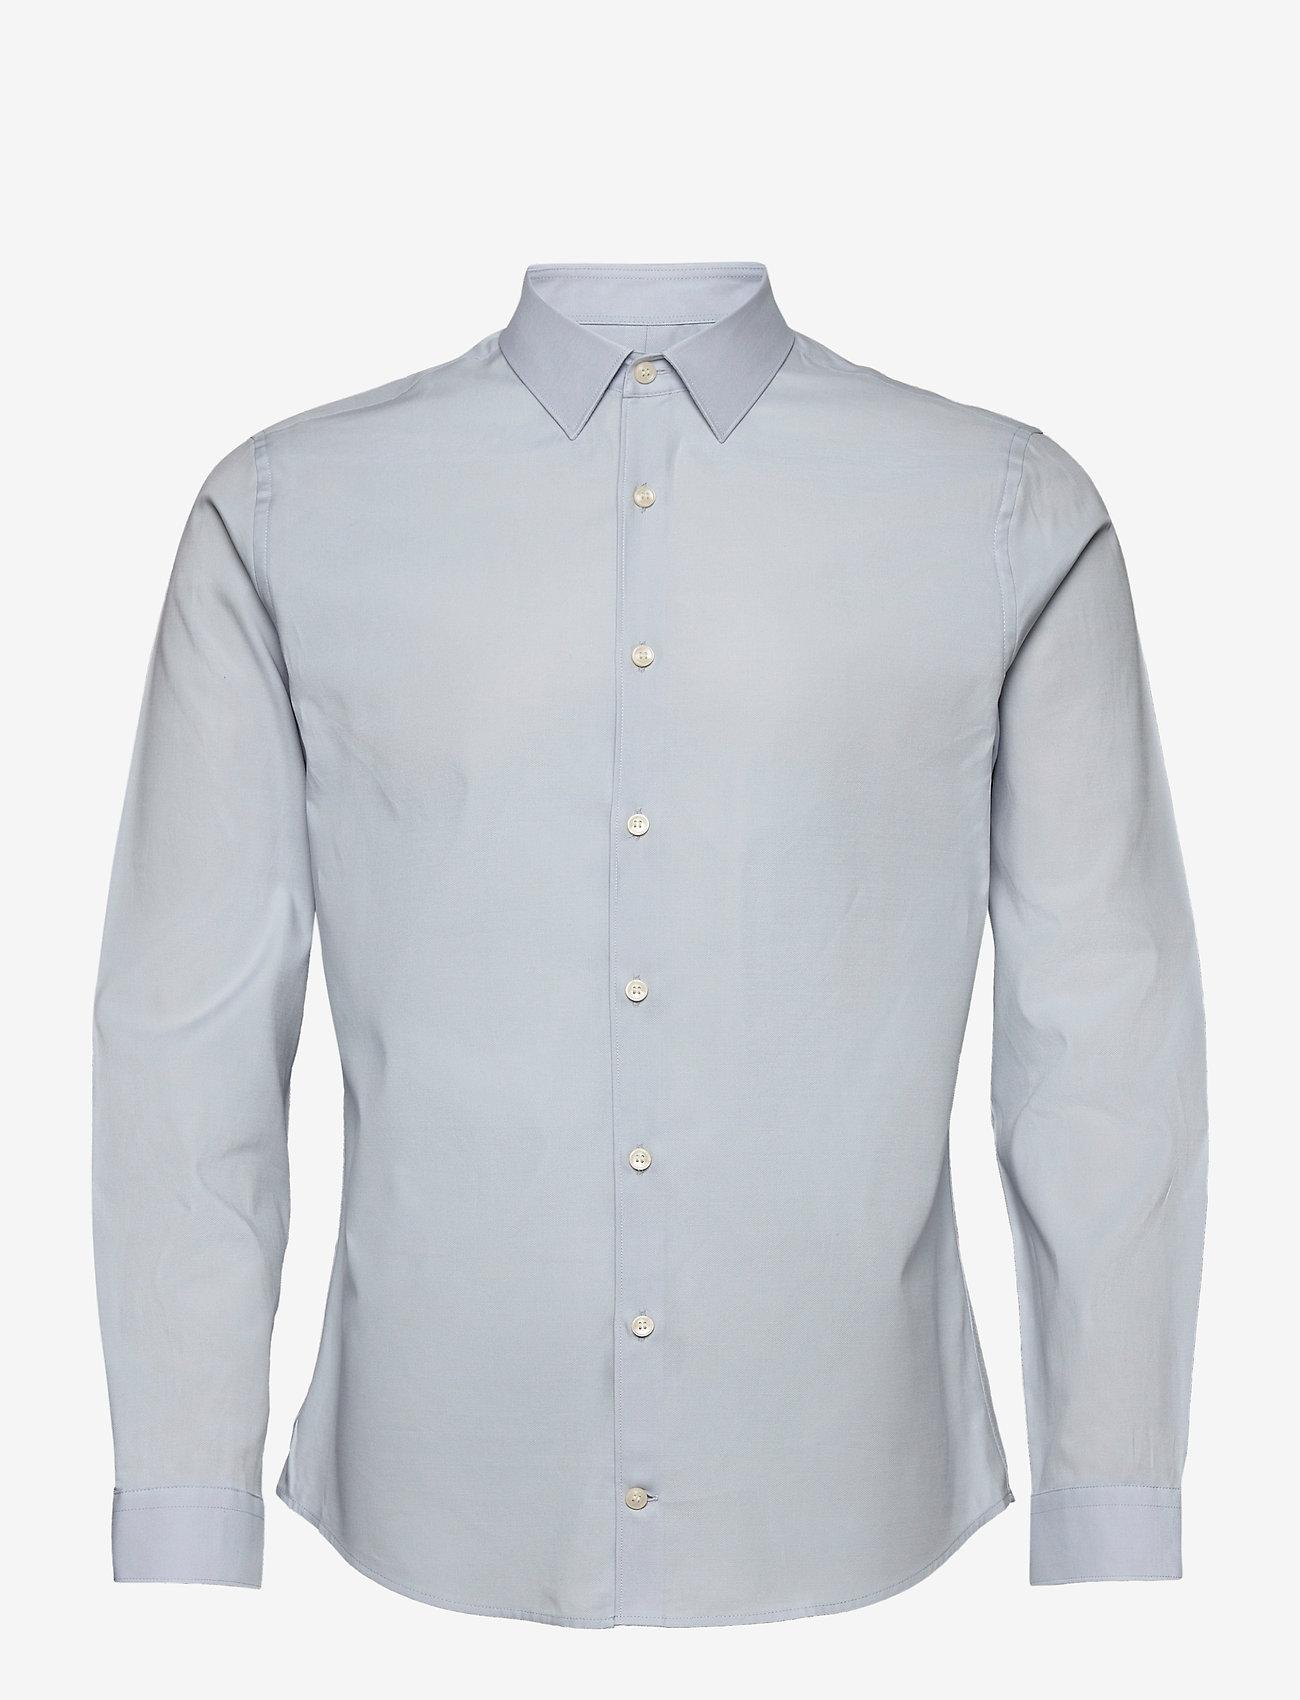 Tiger of Sweden - FILBRODIE - basic skjorter - light blue - 0